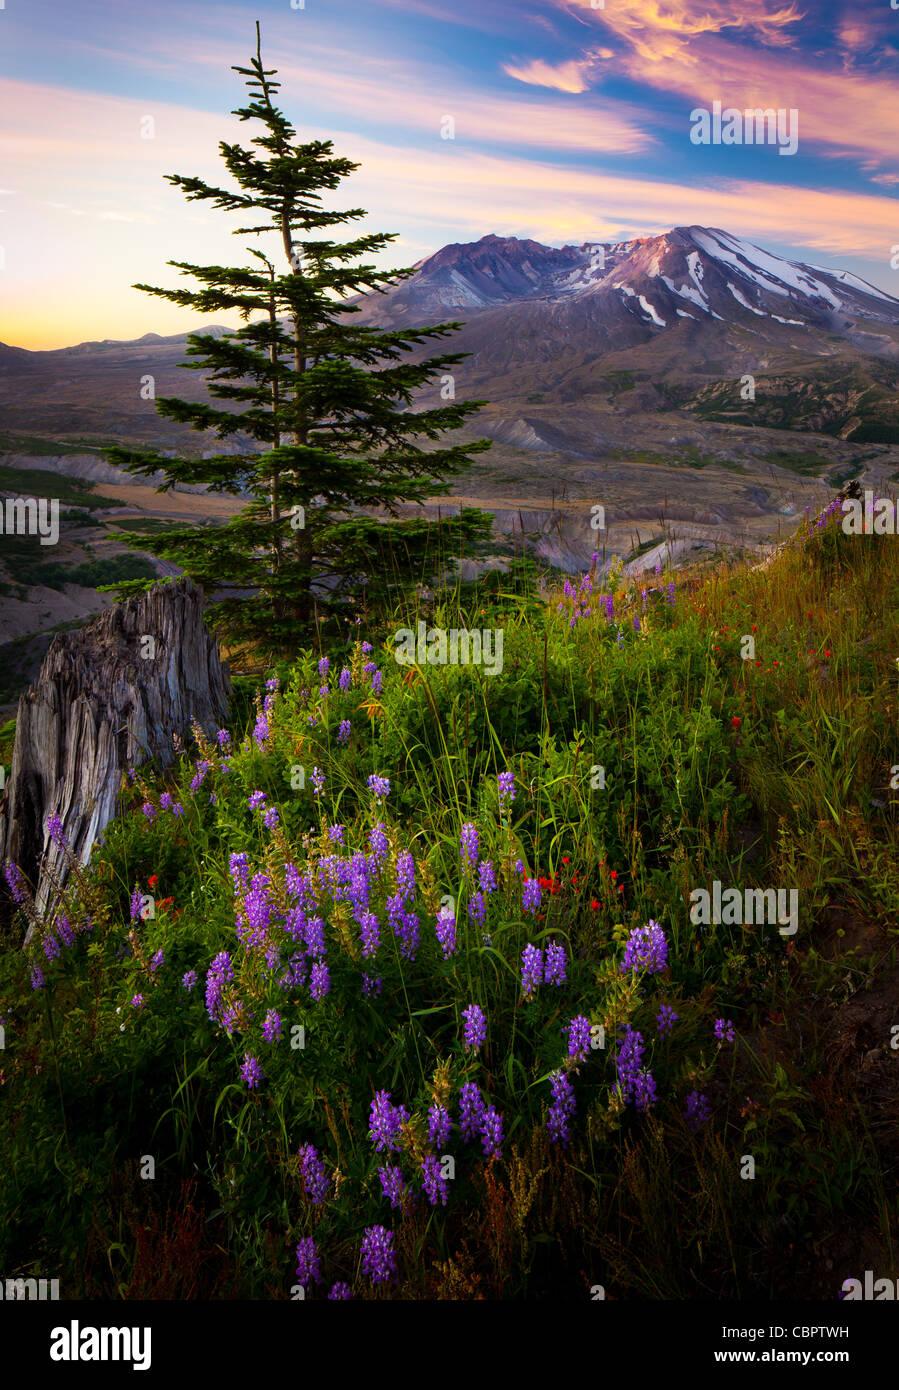 Sonnenaufgang am Mount St. Helens National Volcanic Monument mit Sommer Wildblumen im Vordergrund Stockbild